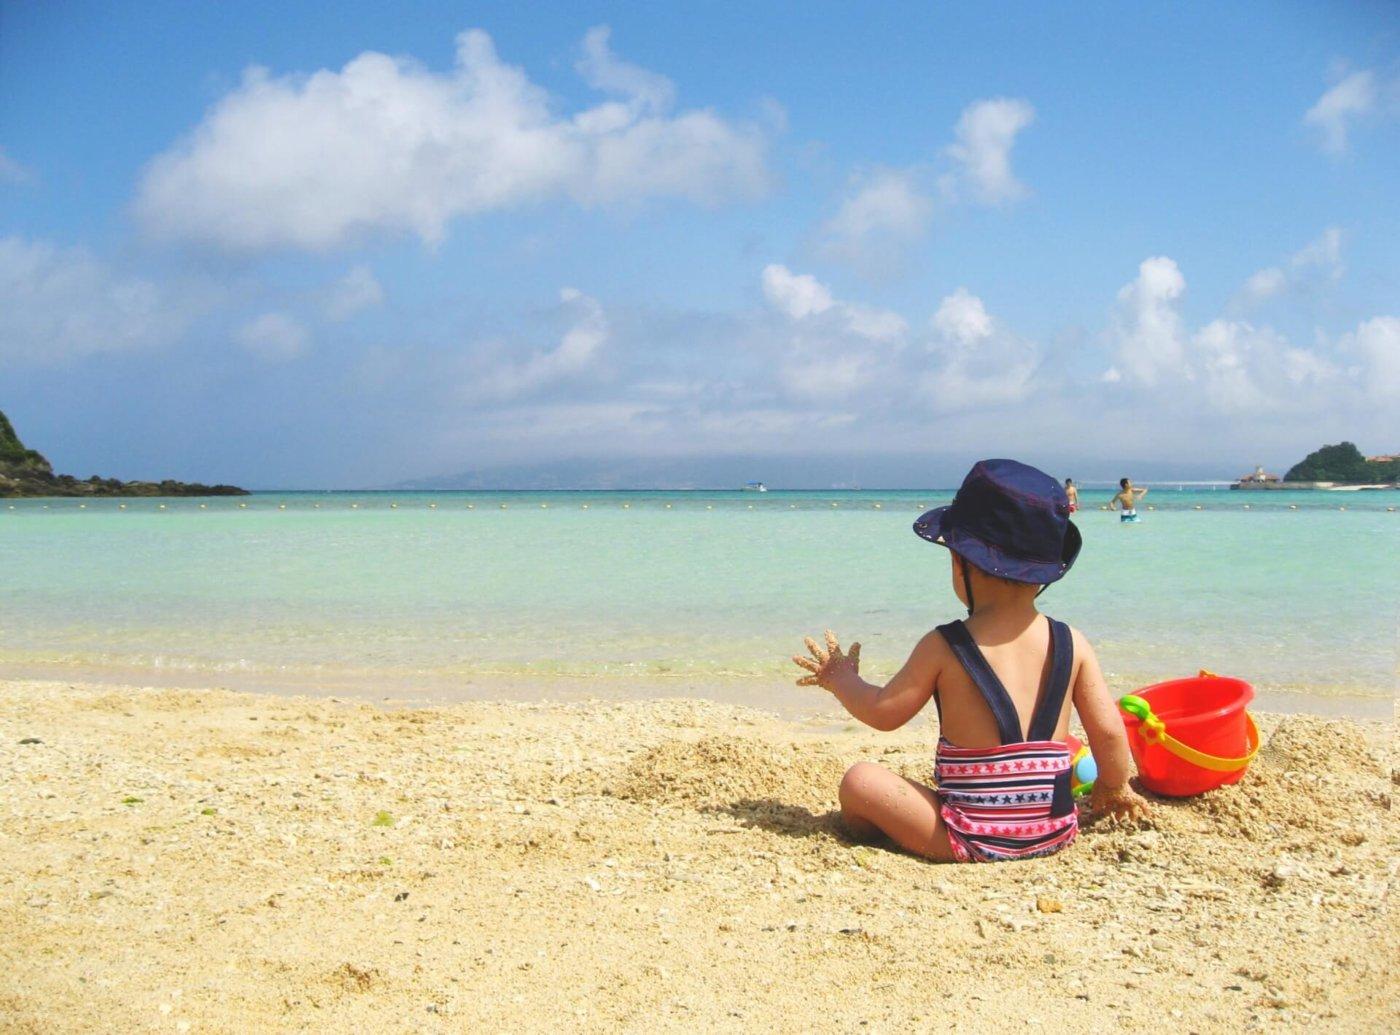 【海水浴】9月でも関東で海水浴はできる?水温やクラゲの出没と泳げる関東の海水浴場